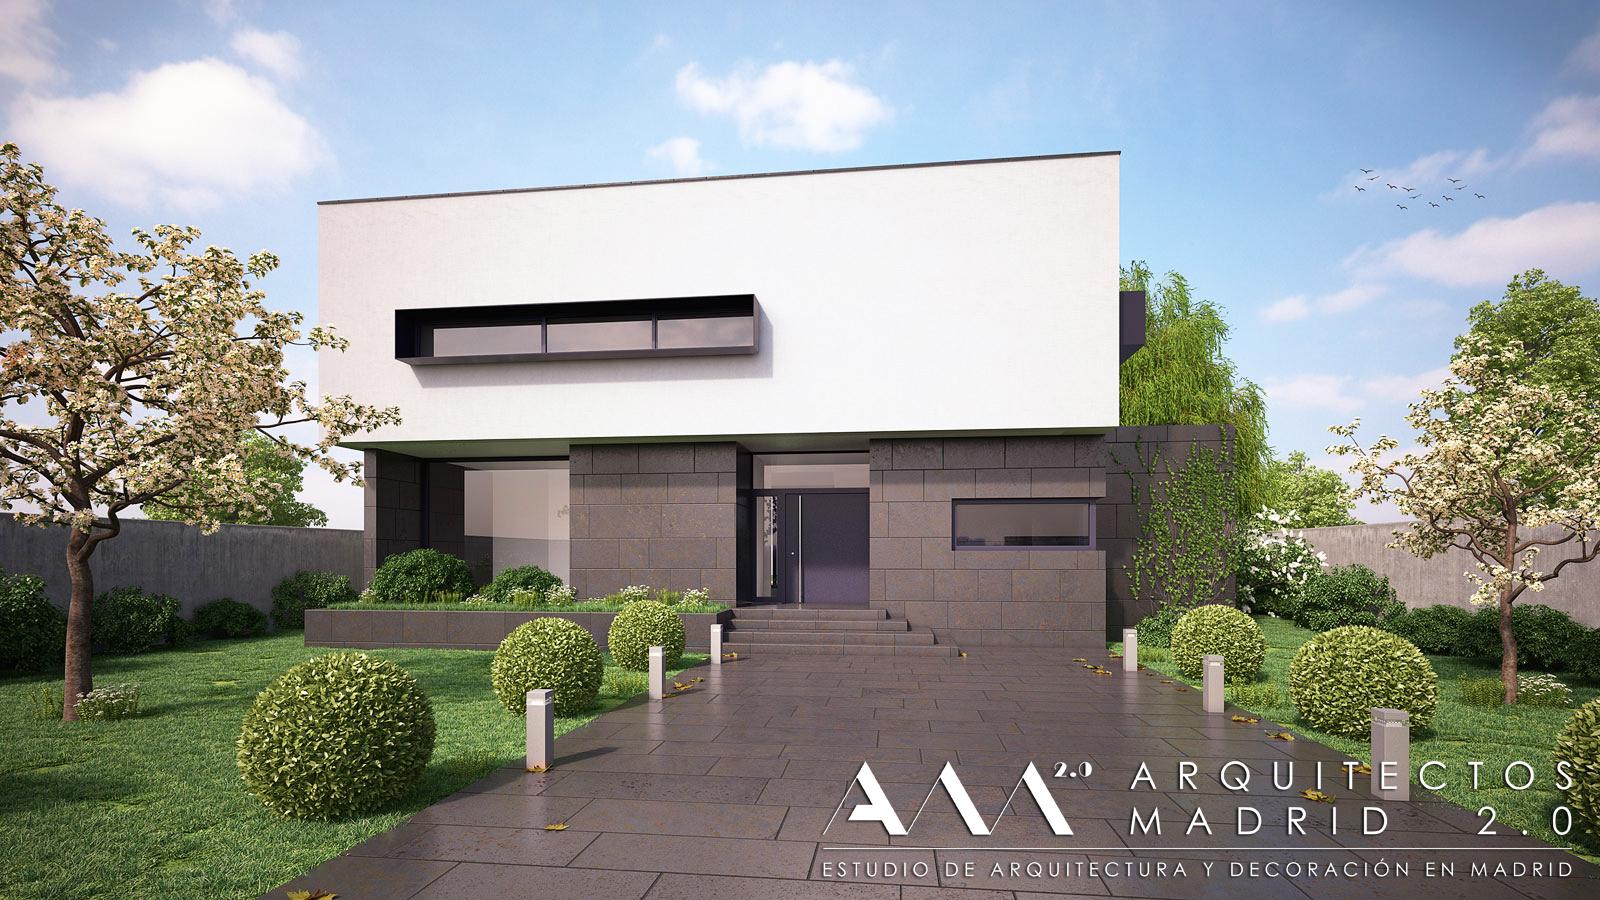 Proyecto y construcci n de casa moderna viviendas de dise o en madrid - Presupuesto vivienda unifamiliar ...